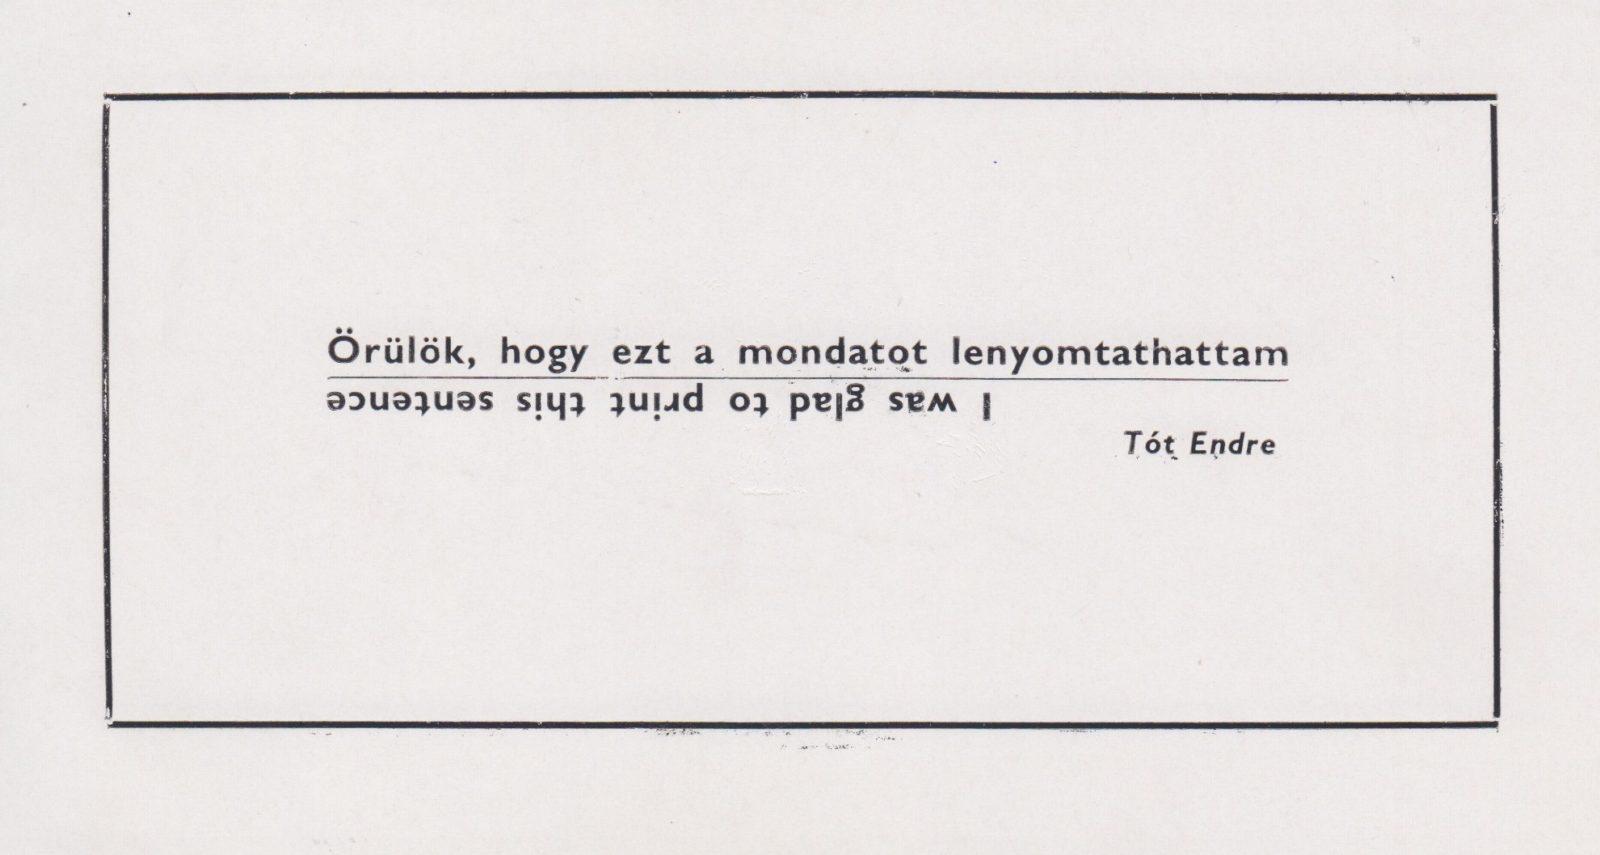 Printed Matter 1971-1981